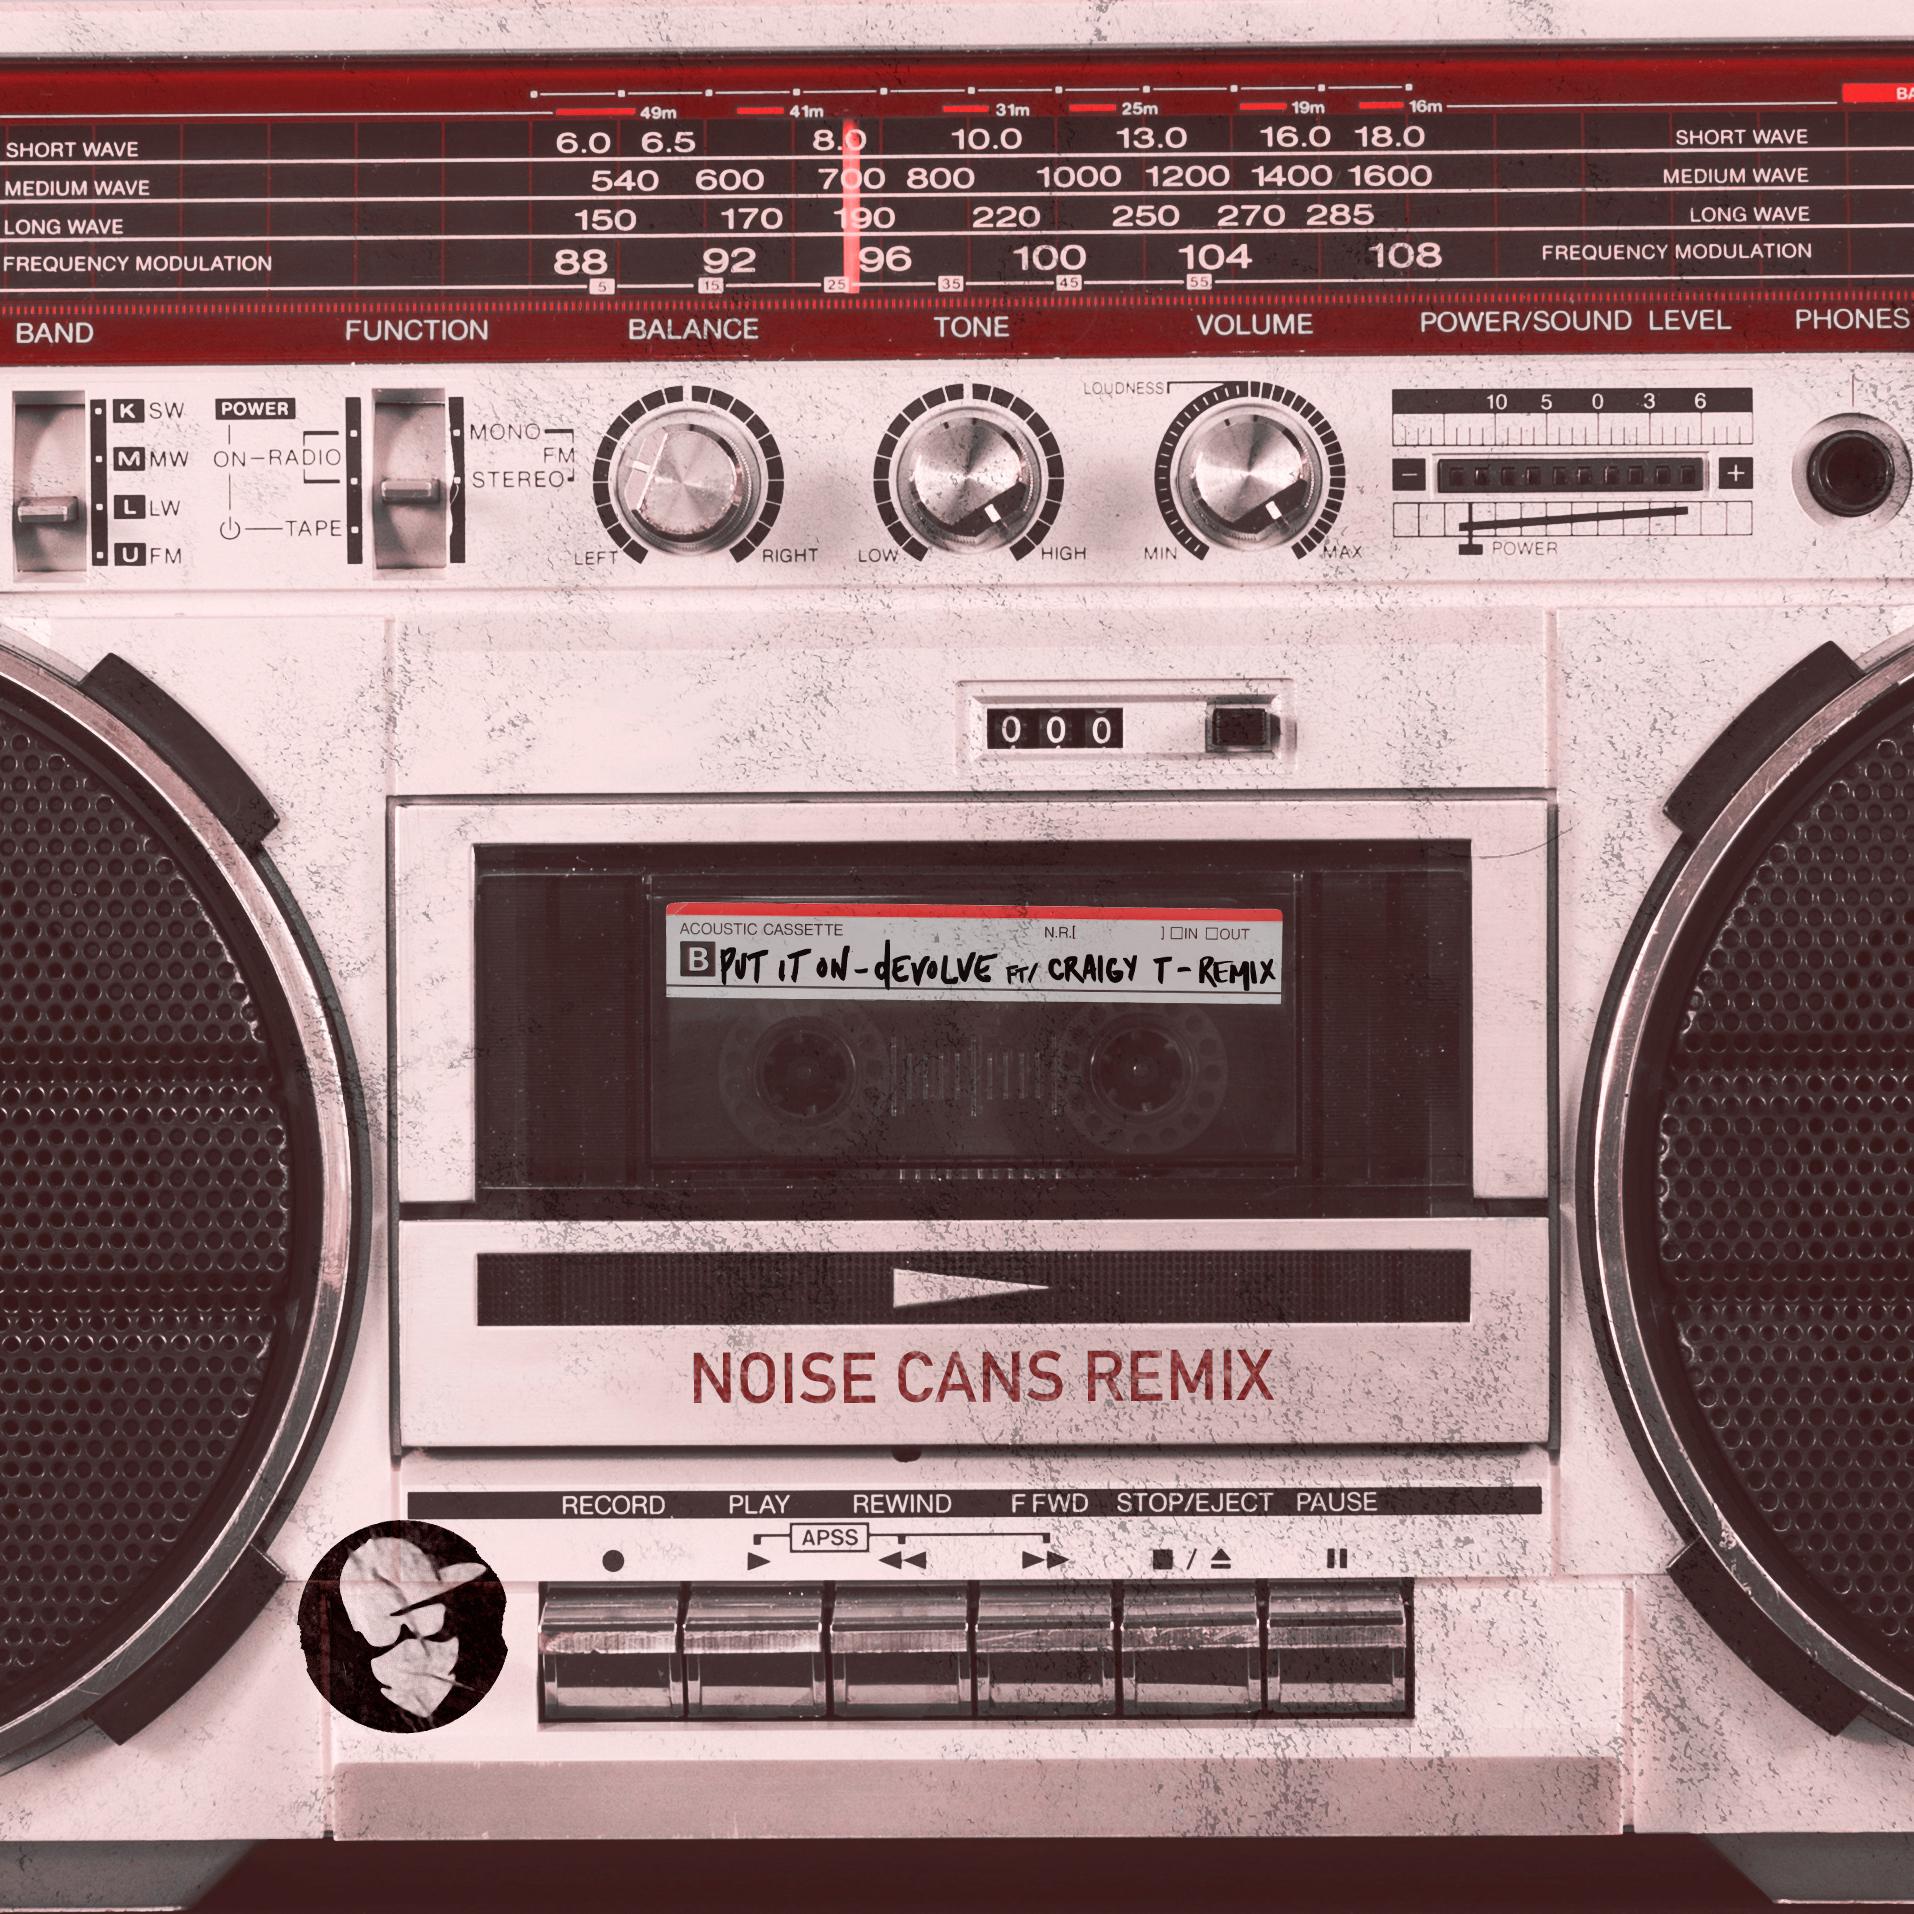 dEVOLVE - Put It On (Noise Cans Remix).jpg